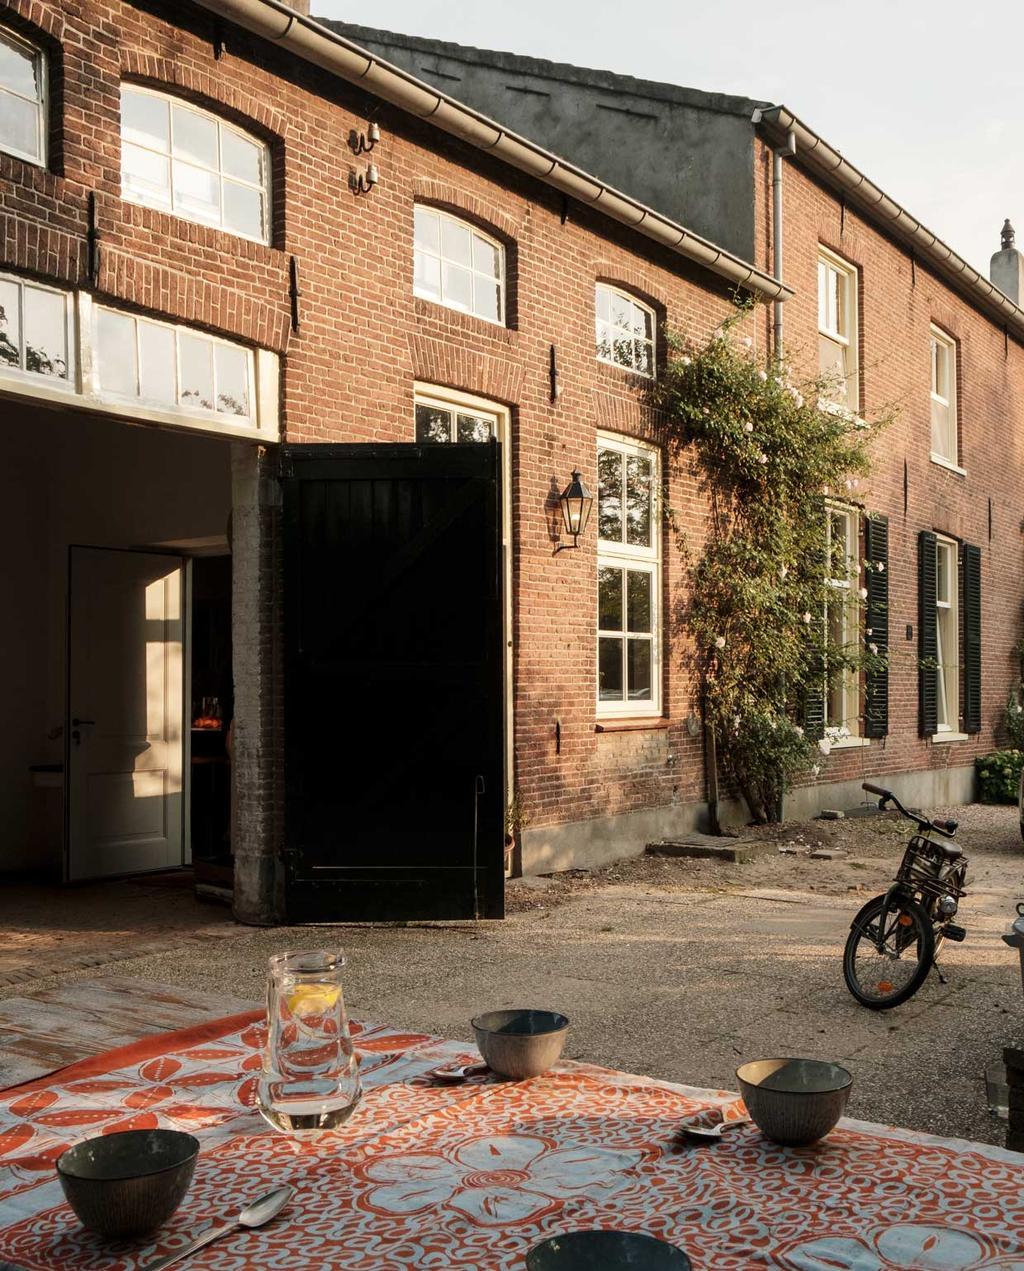 vtwonen 10-2020 | Kijkkamer bommelerwaard | gedekte tafel voor het huis